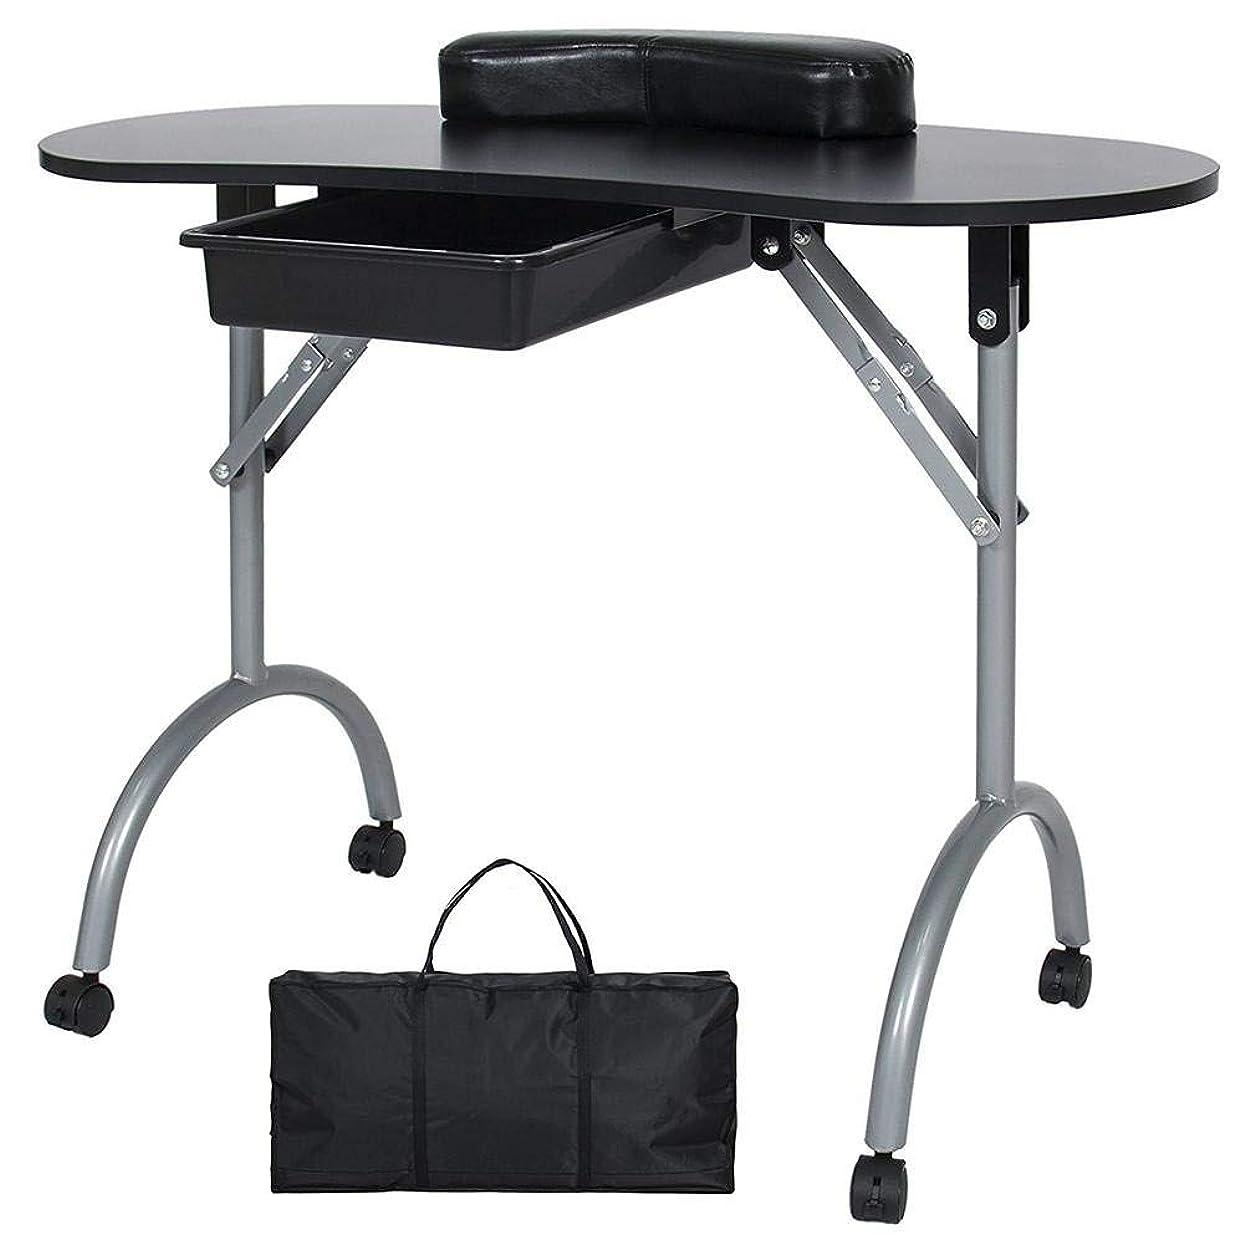 流星入場プレートFMEZYネイルテーブルマニキュアテーブル製品ポータブルマニキュア折りたたみデスクワークステーション付きキャリングバッグ